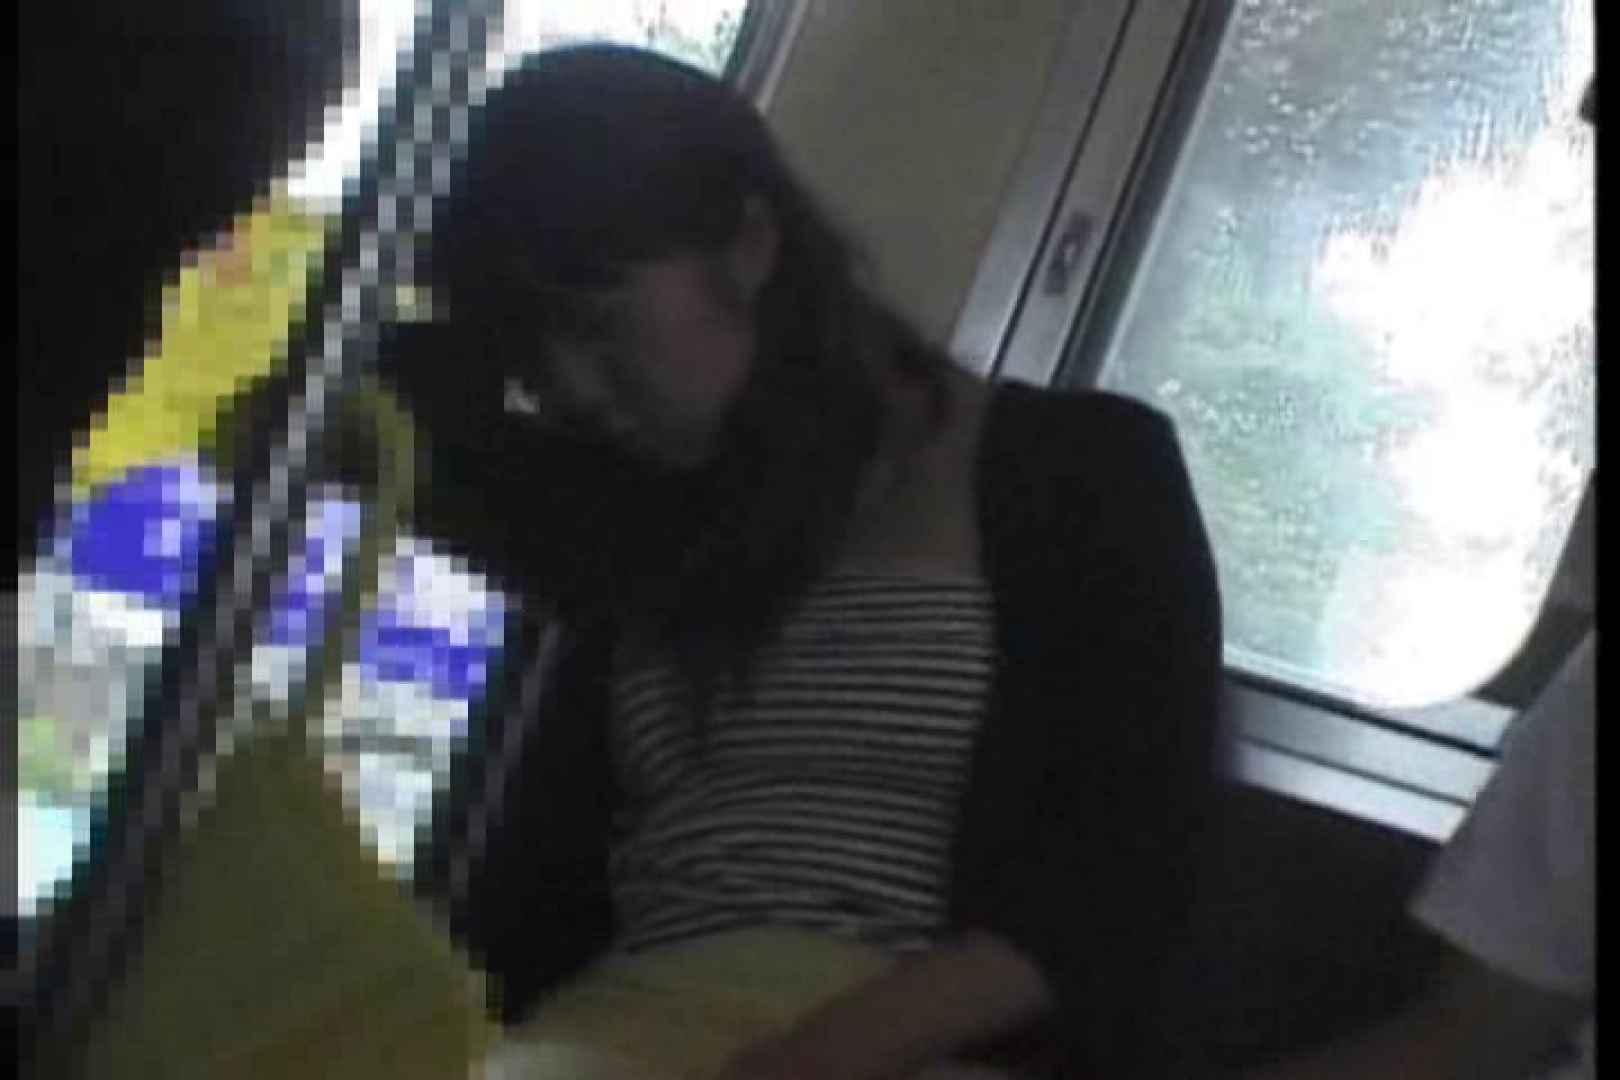 ぶっ掛け電車 只今運行中Vol.1 車でエッチ アダルト動画キャプチャ 61PIX 29